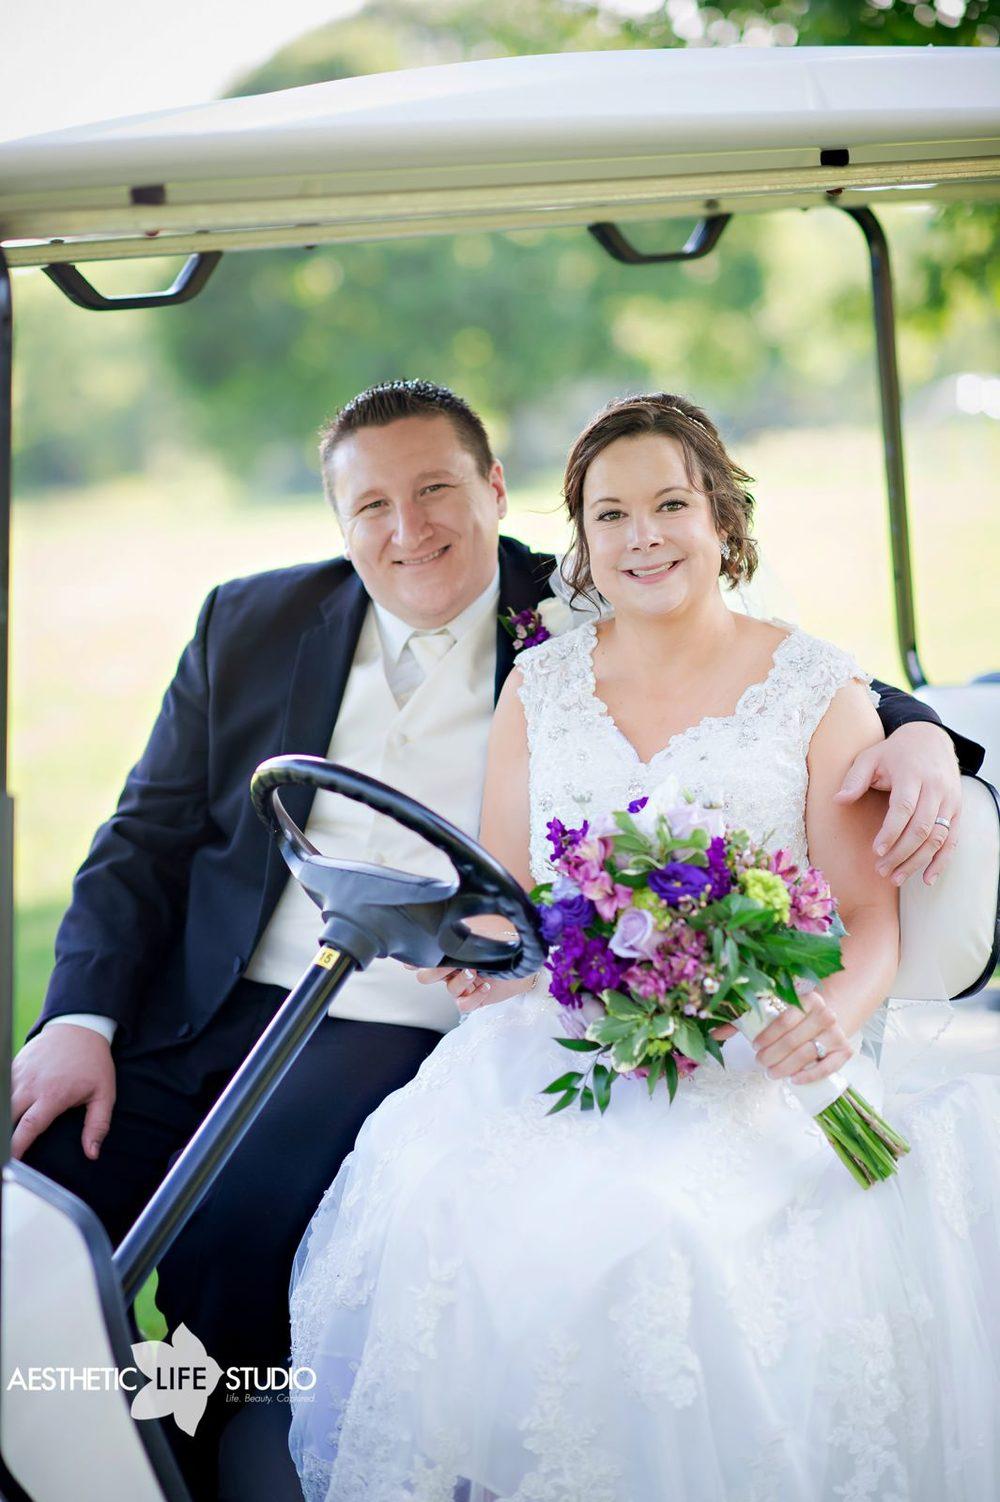 green grove gardens wedding photos 070.jpg